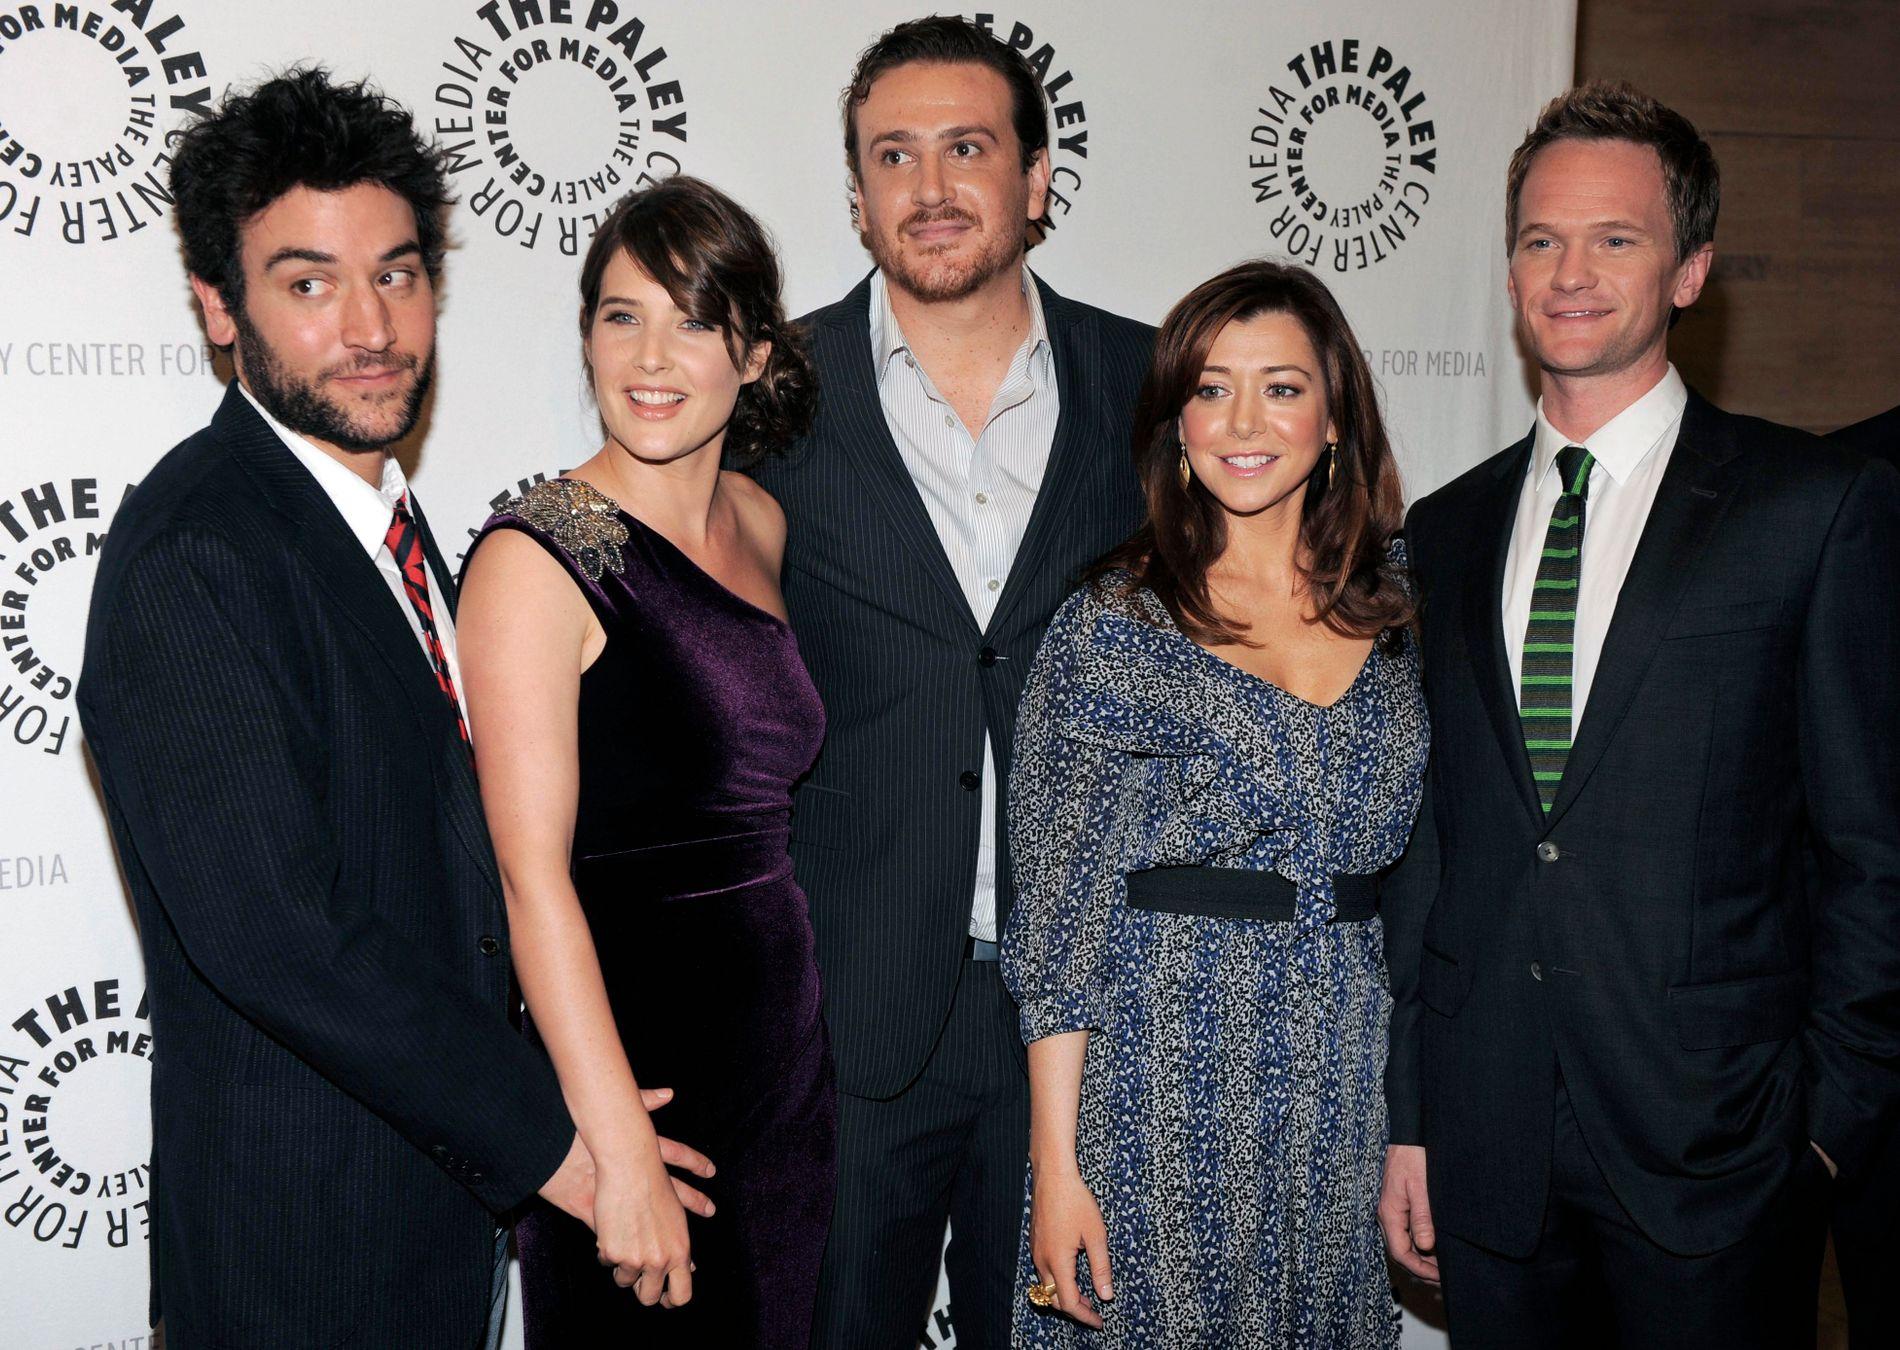 2010: «How I Met Your Mother»-stjernene under feiringen av episode nummer 100. F.v.: Josh Radnor, Cobie Smulders, Jason Segel, Alyson Hannigan og Neil Patrick Harris.